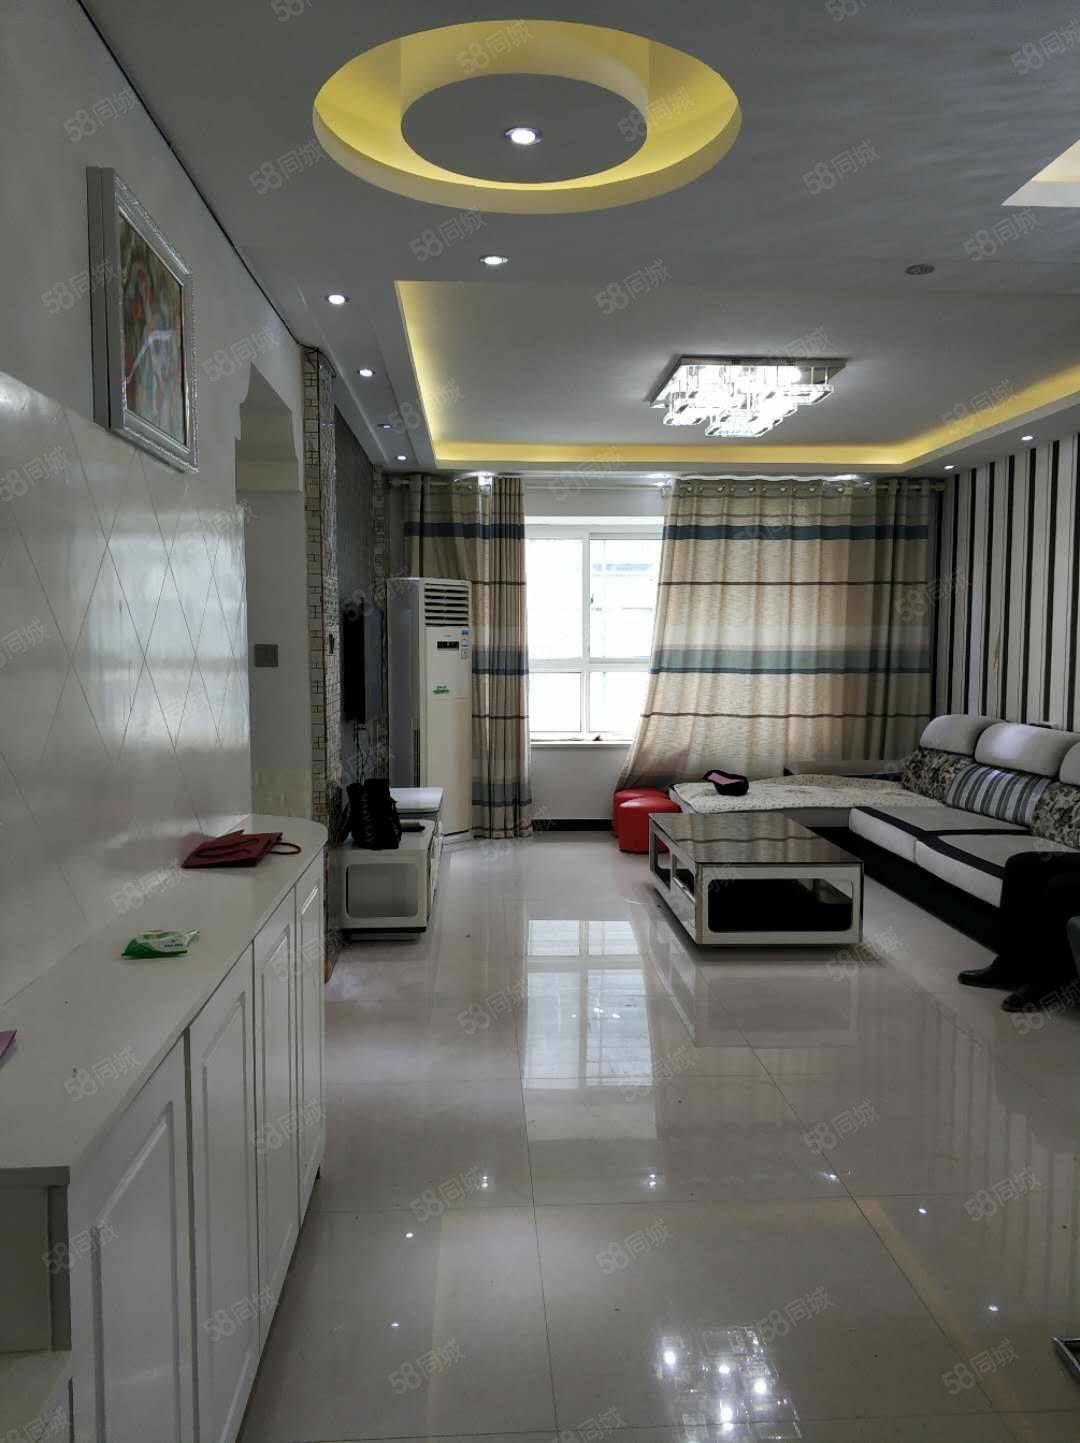 永尚国际精装修三室一年18000家电齐全三台空调